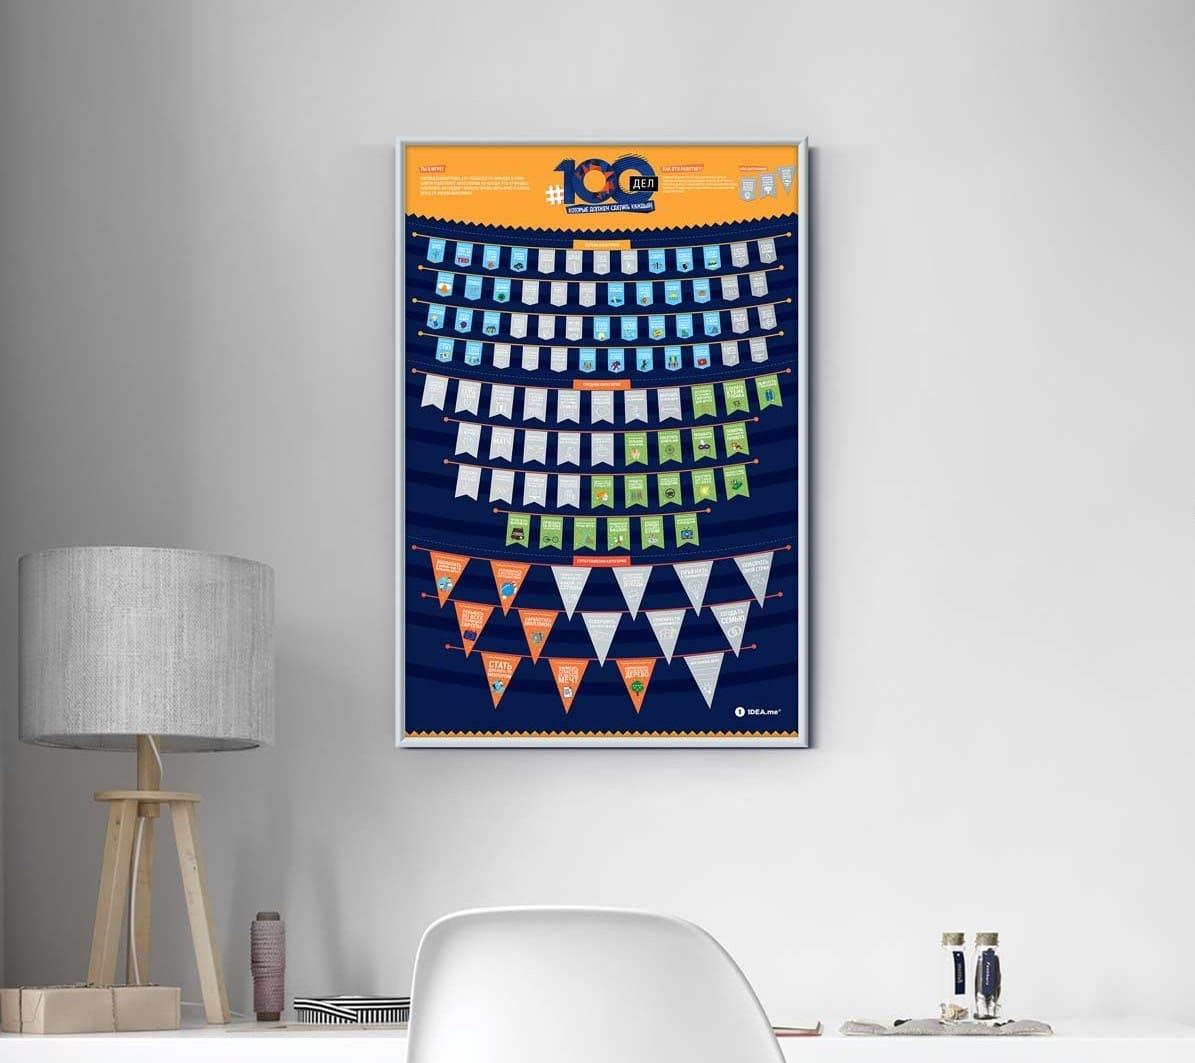 Скретч-постер # 100ДЕЛ